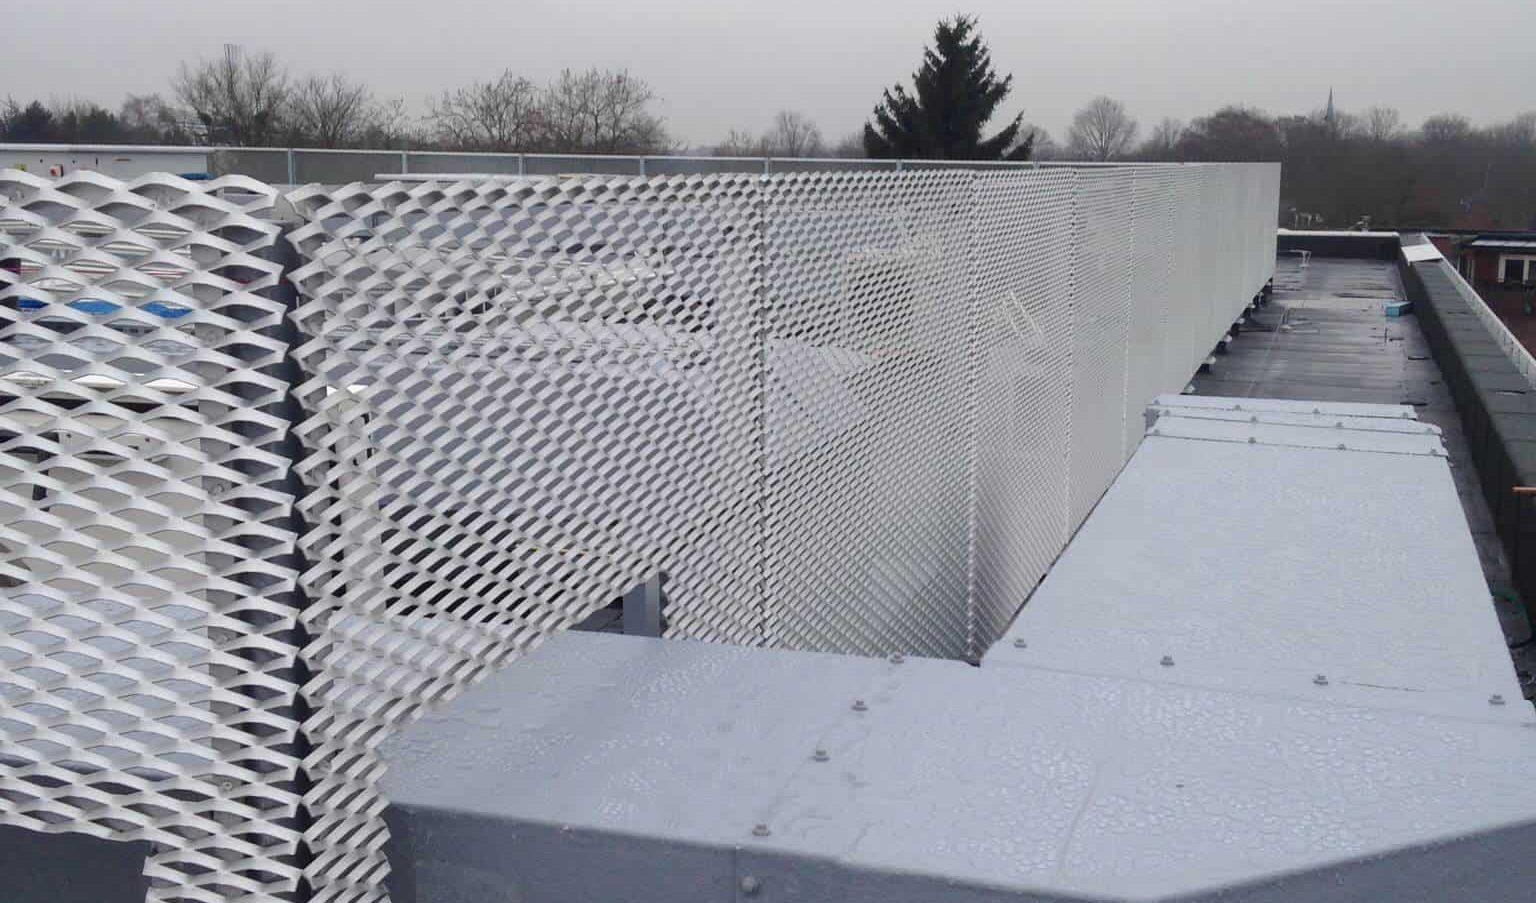 Rabobank Dommelstreek in Geldrop voorzien van een dakopbouw van strekmetaal blank geanosideerd